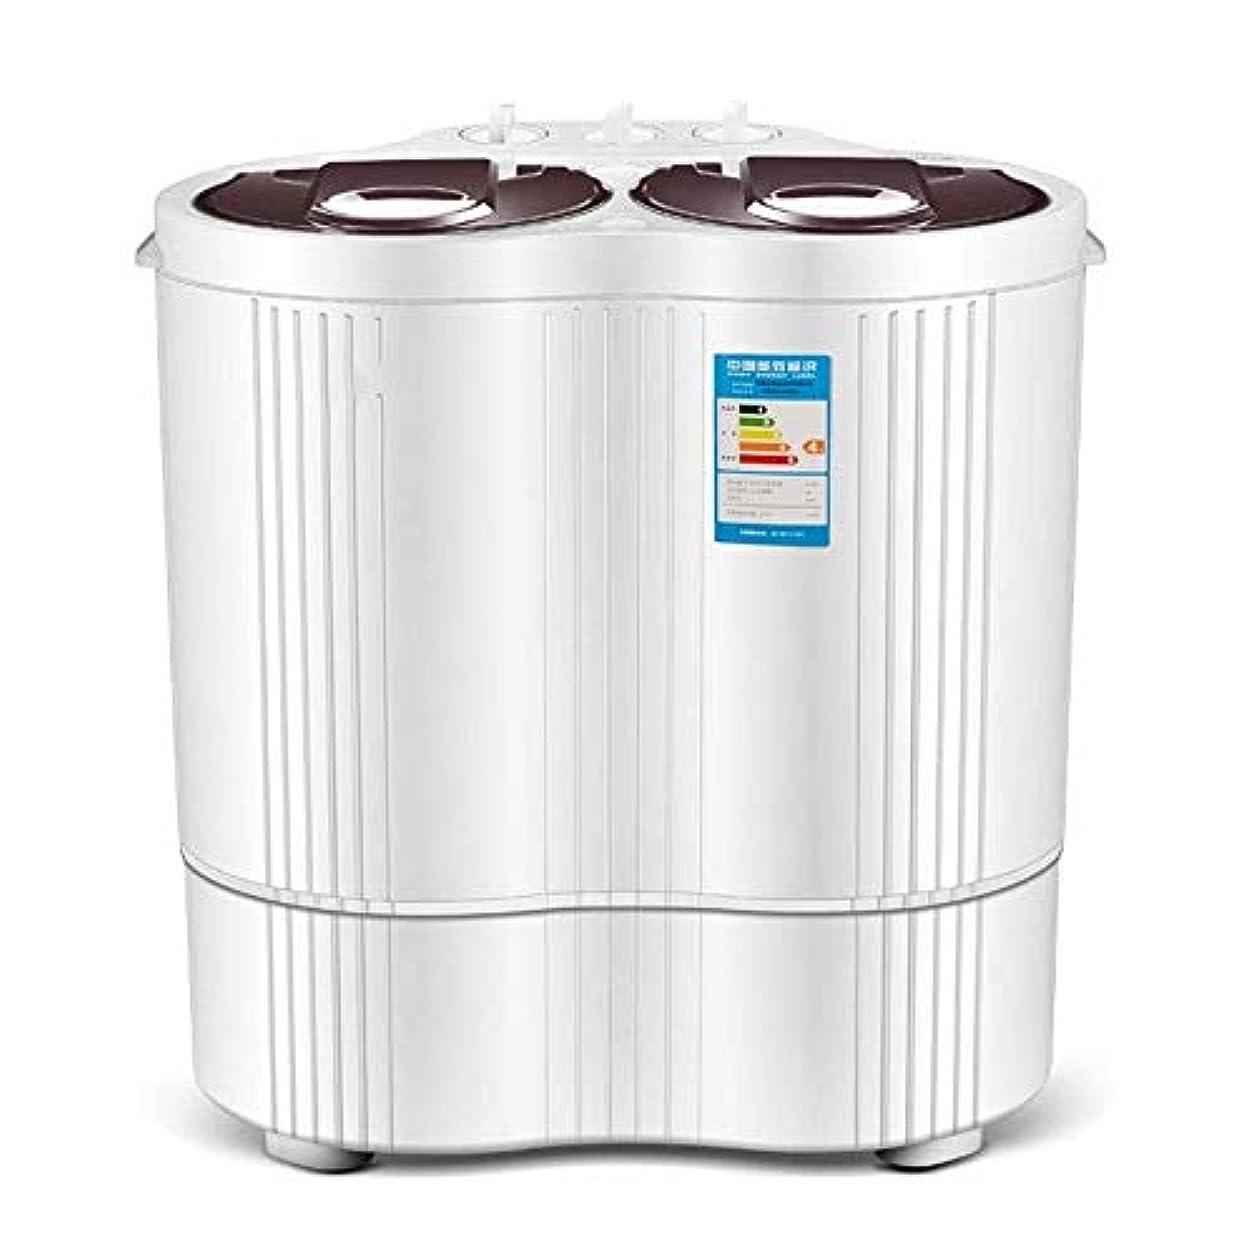 反発覆すナラーバーJJSFJH ベッドルーム寮生活のための適切なコンパクトなツインタブポータブルミニ洗濯機 (Color : Brown)